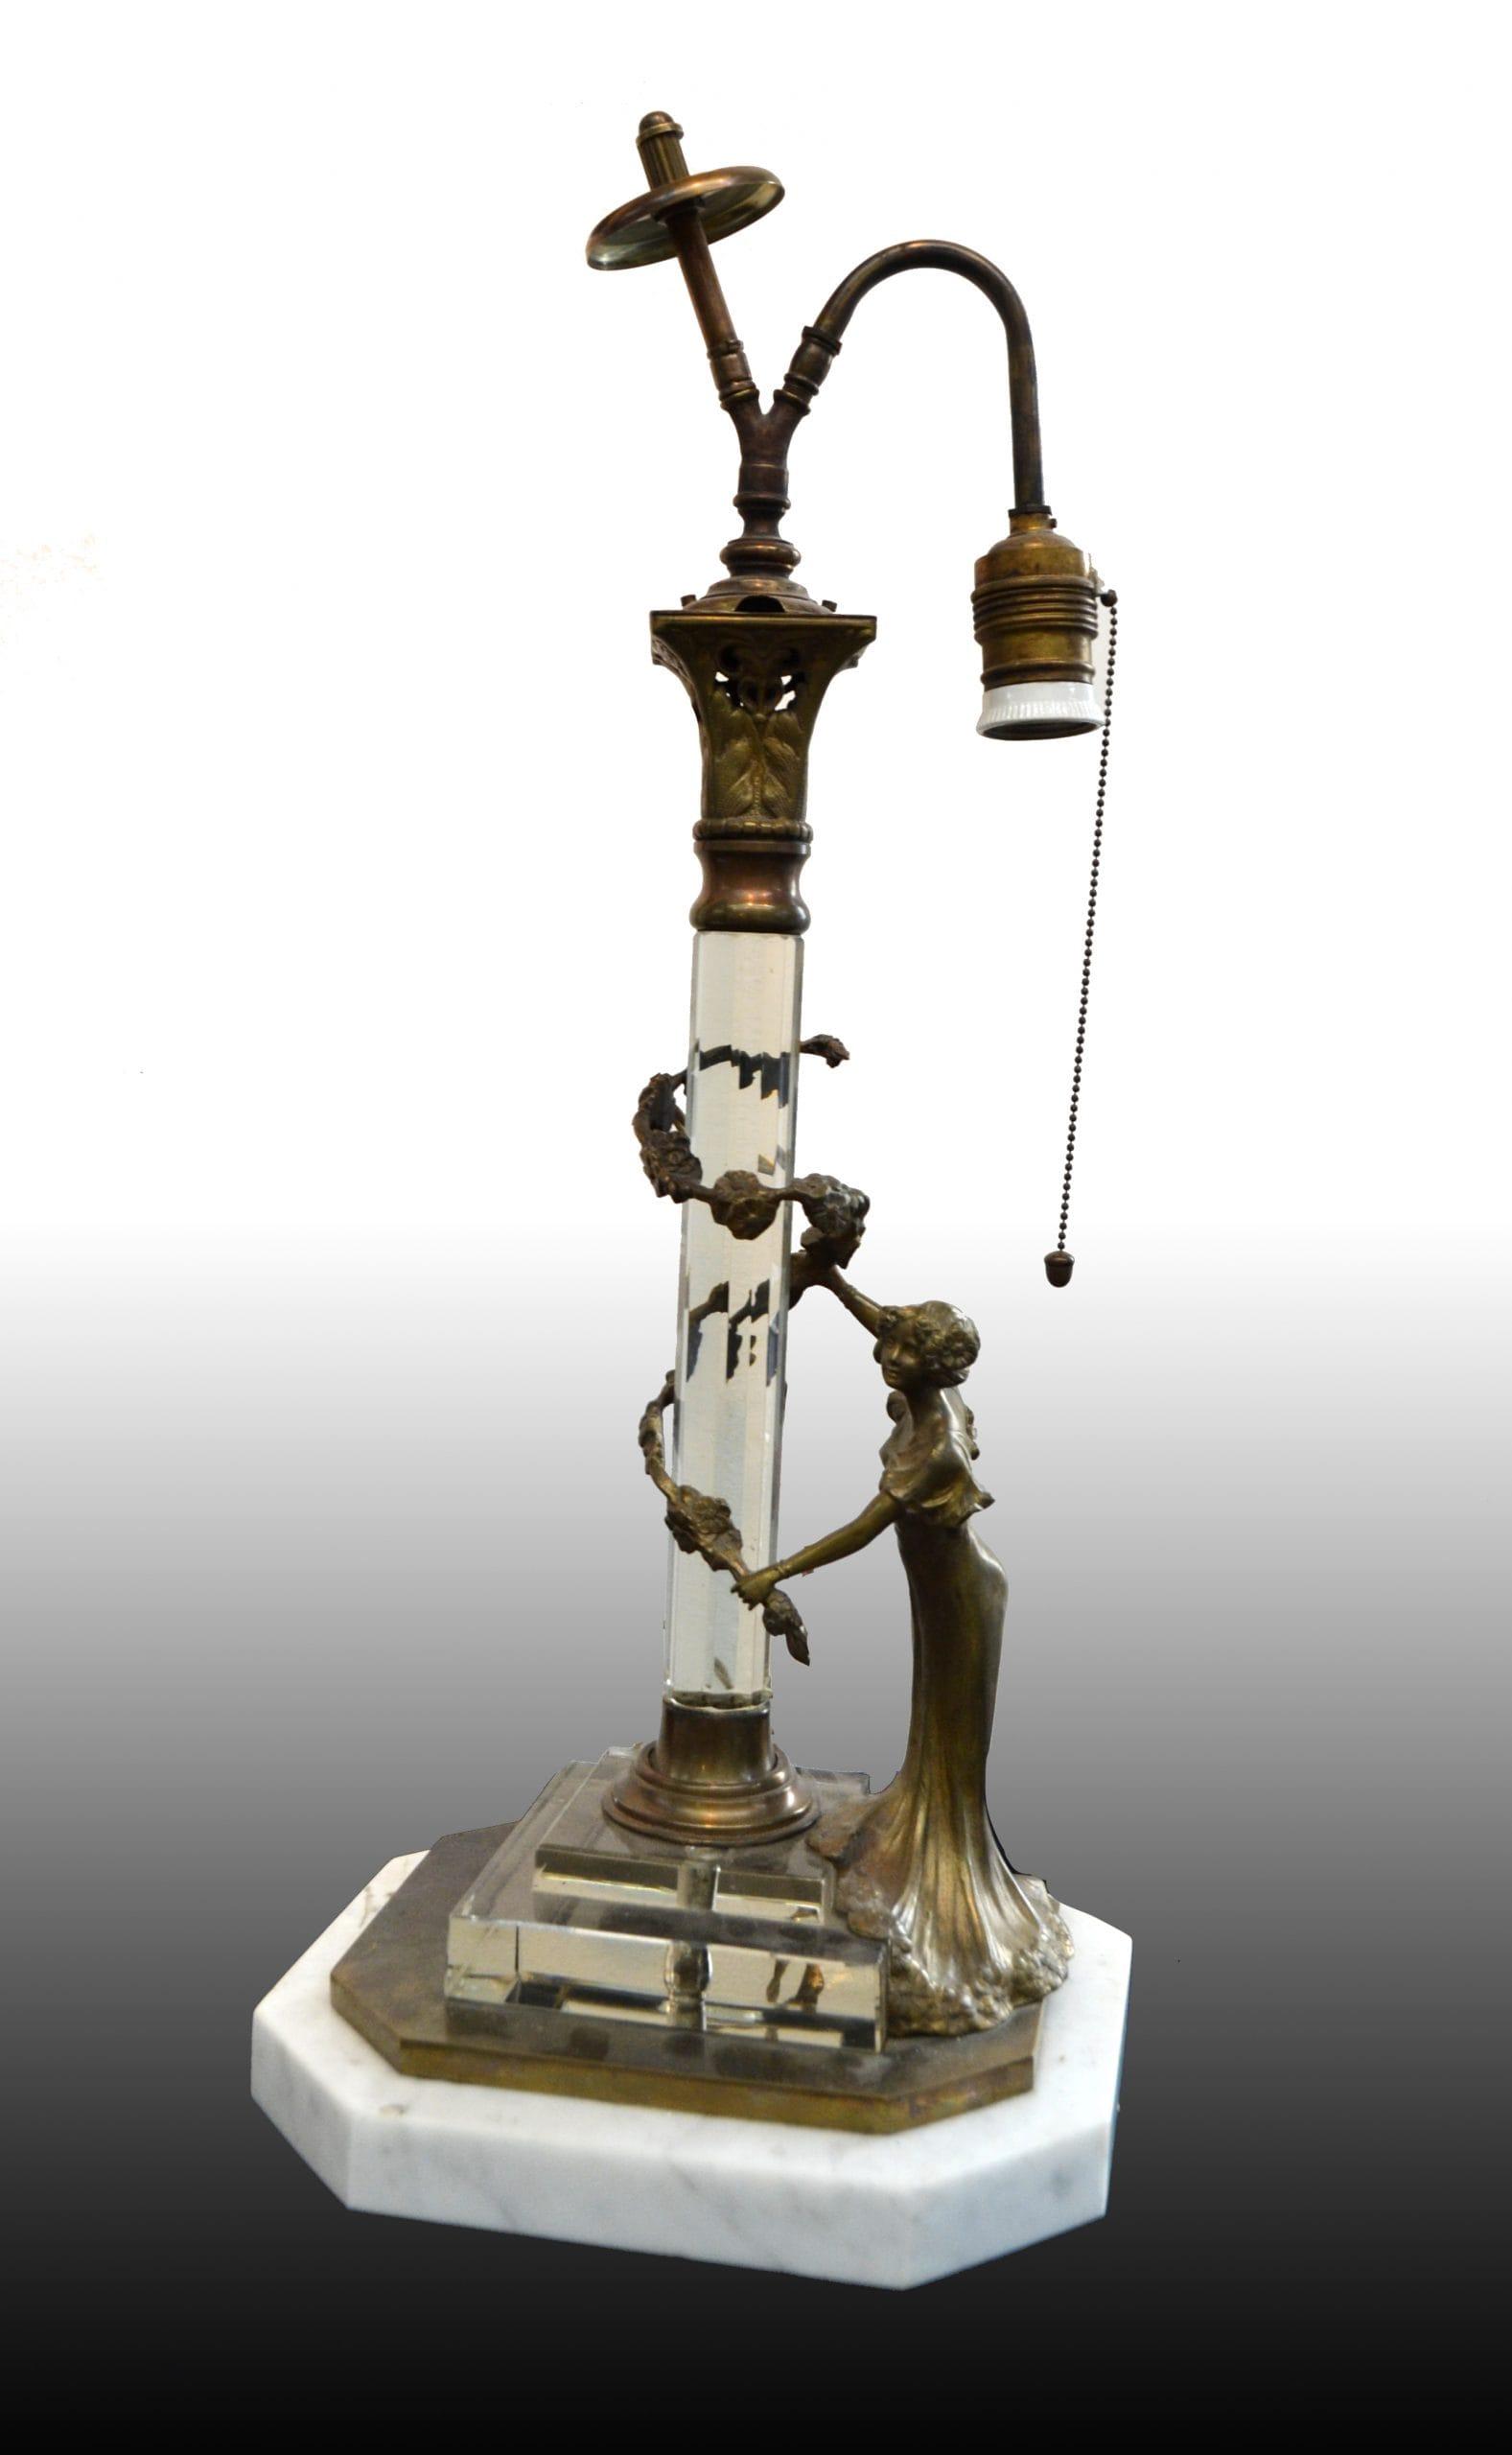 Bécsi bronz lámpatalp hegyikristállyal, nőalakkal